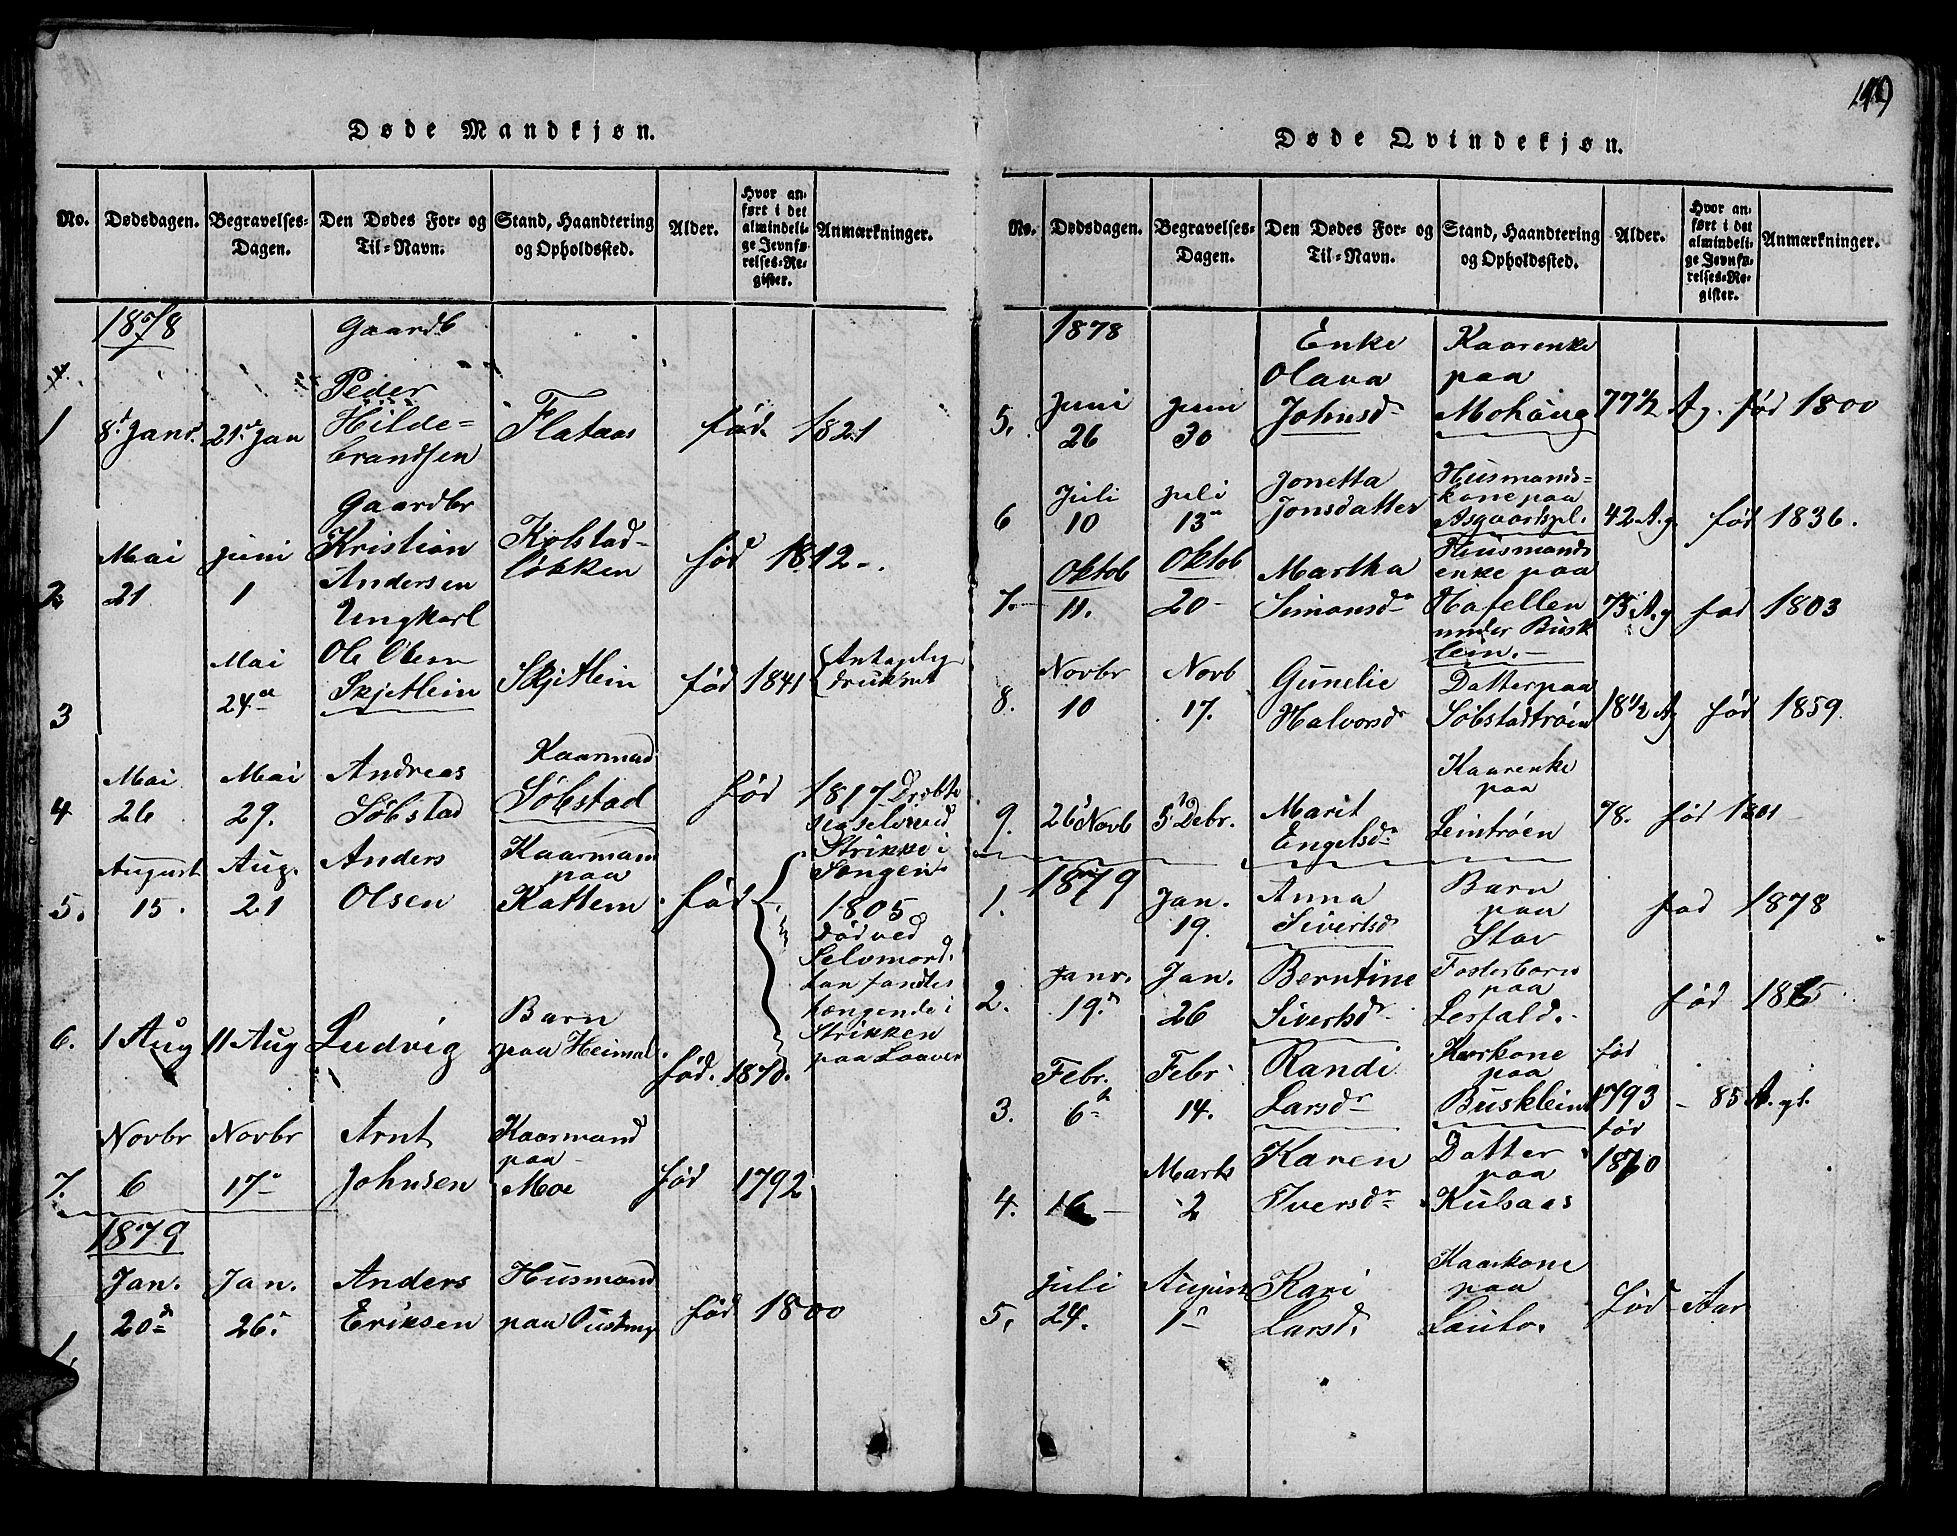 SAT, Ministerialprotokoller, klokkerbøker og fødselsregistre - Sør-Trøndelag, 613/L0393: Klokkerbok nr. 613C01, 1816-1886, s. 149